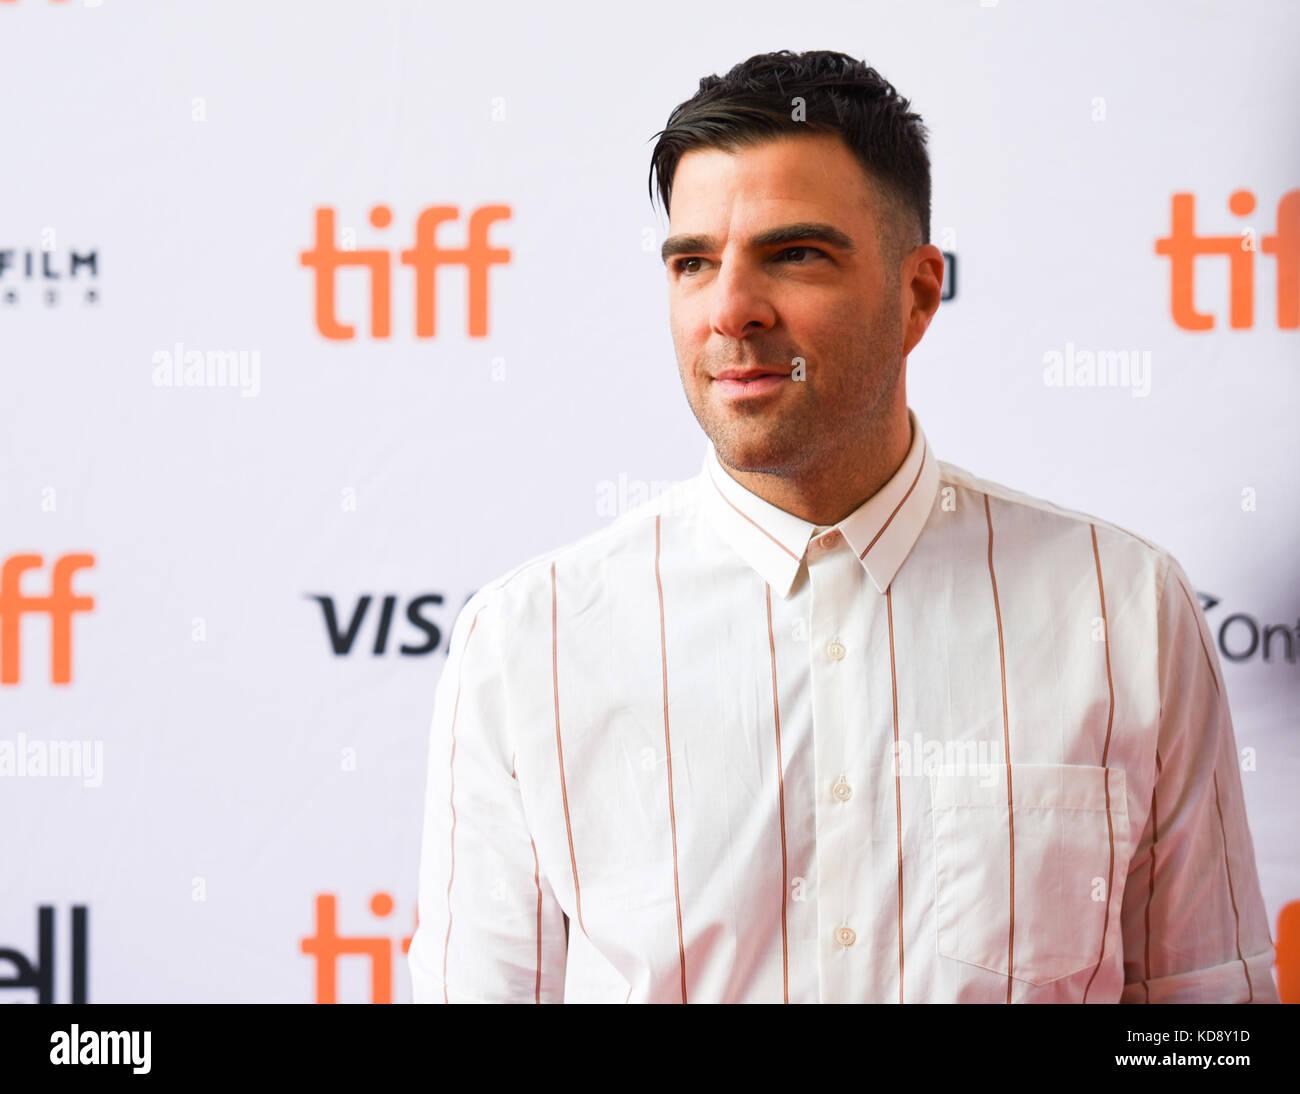 """Xlii toronto international film festival - """"Chi siamo ora' - premiere con: zachary quinto dove: toronto, Immagini Stock"""